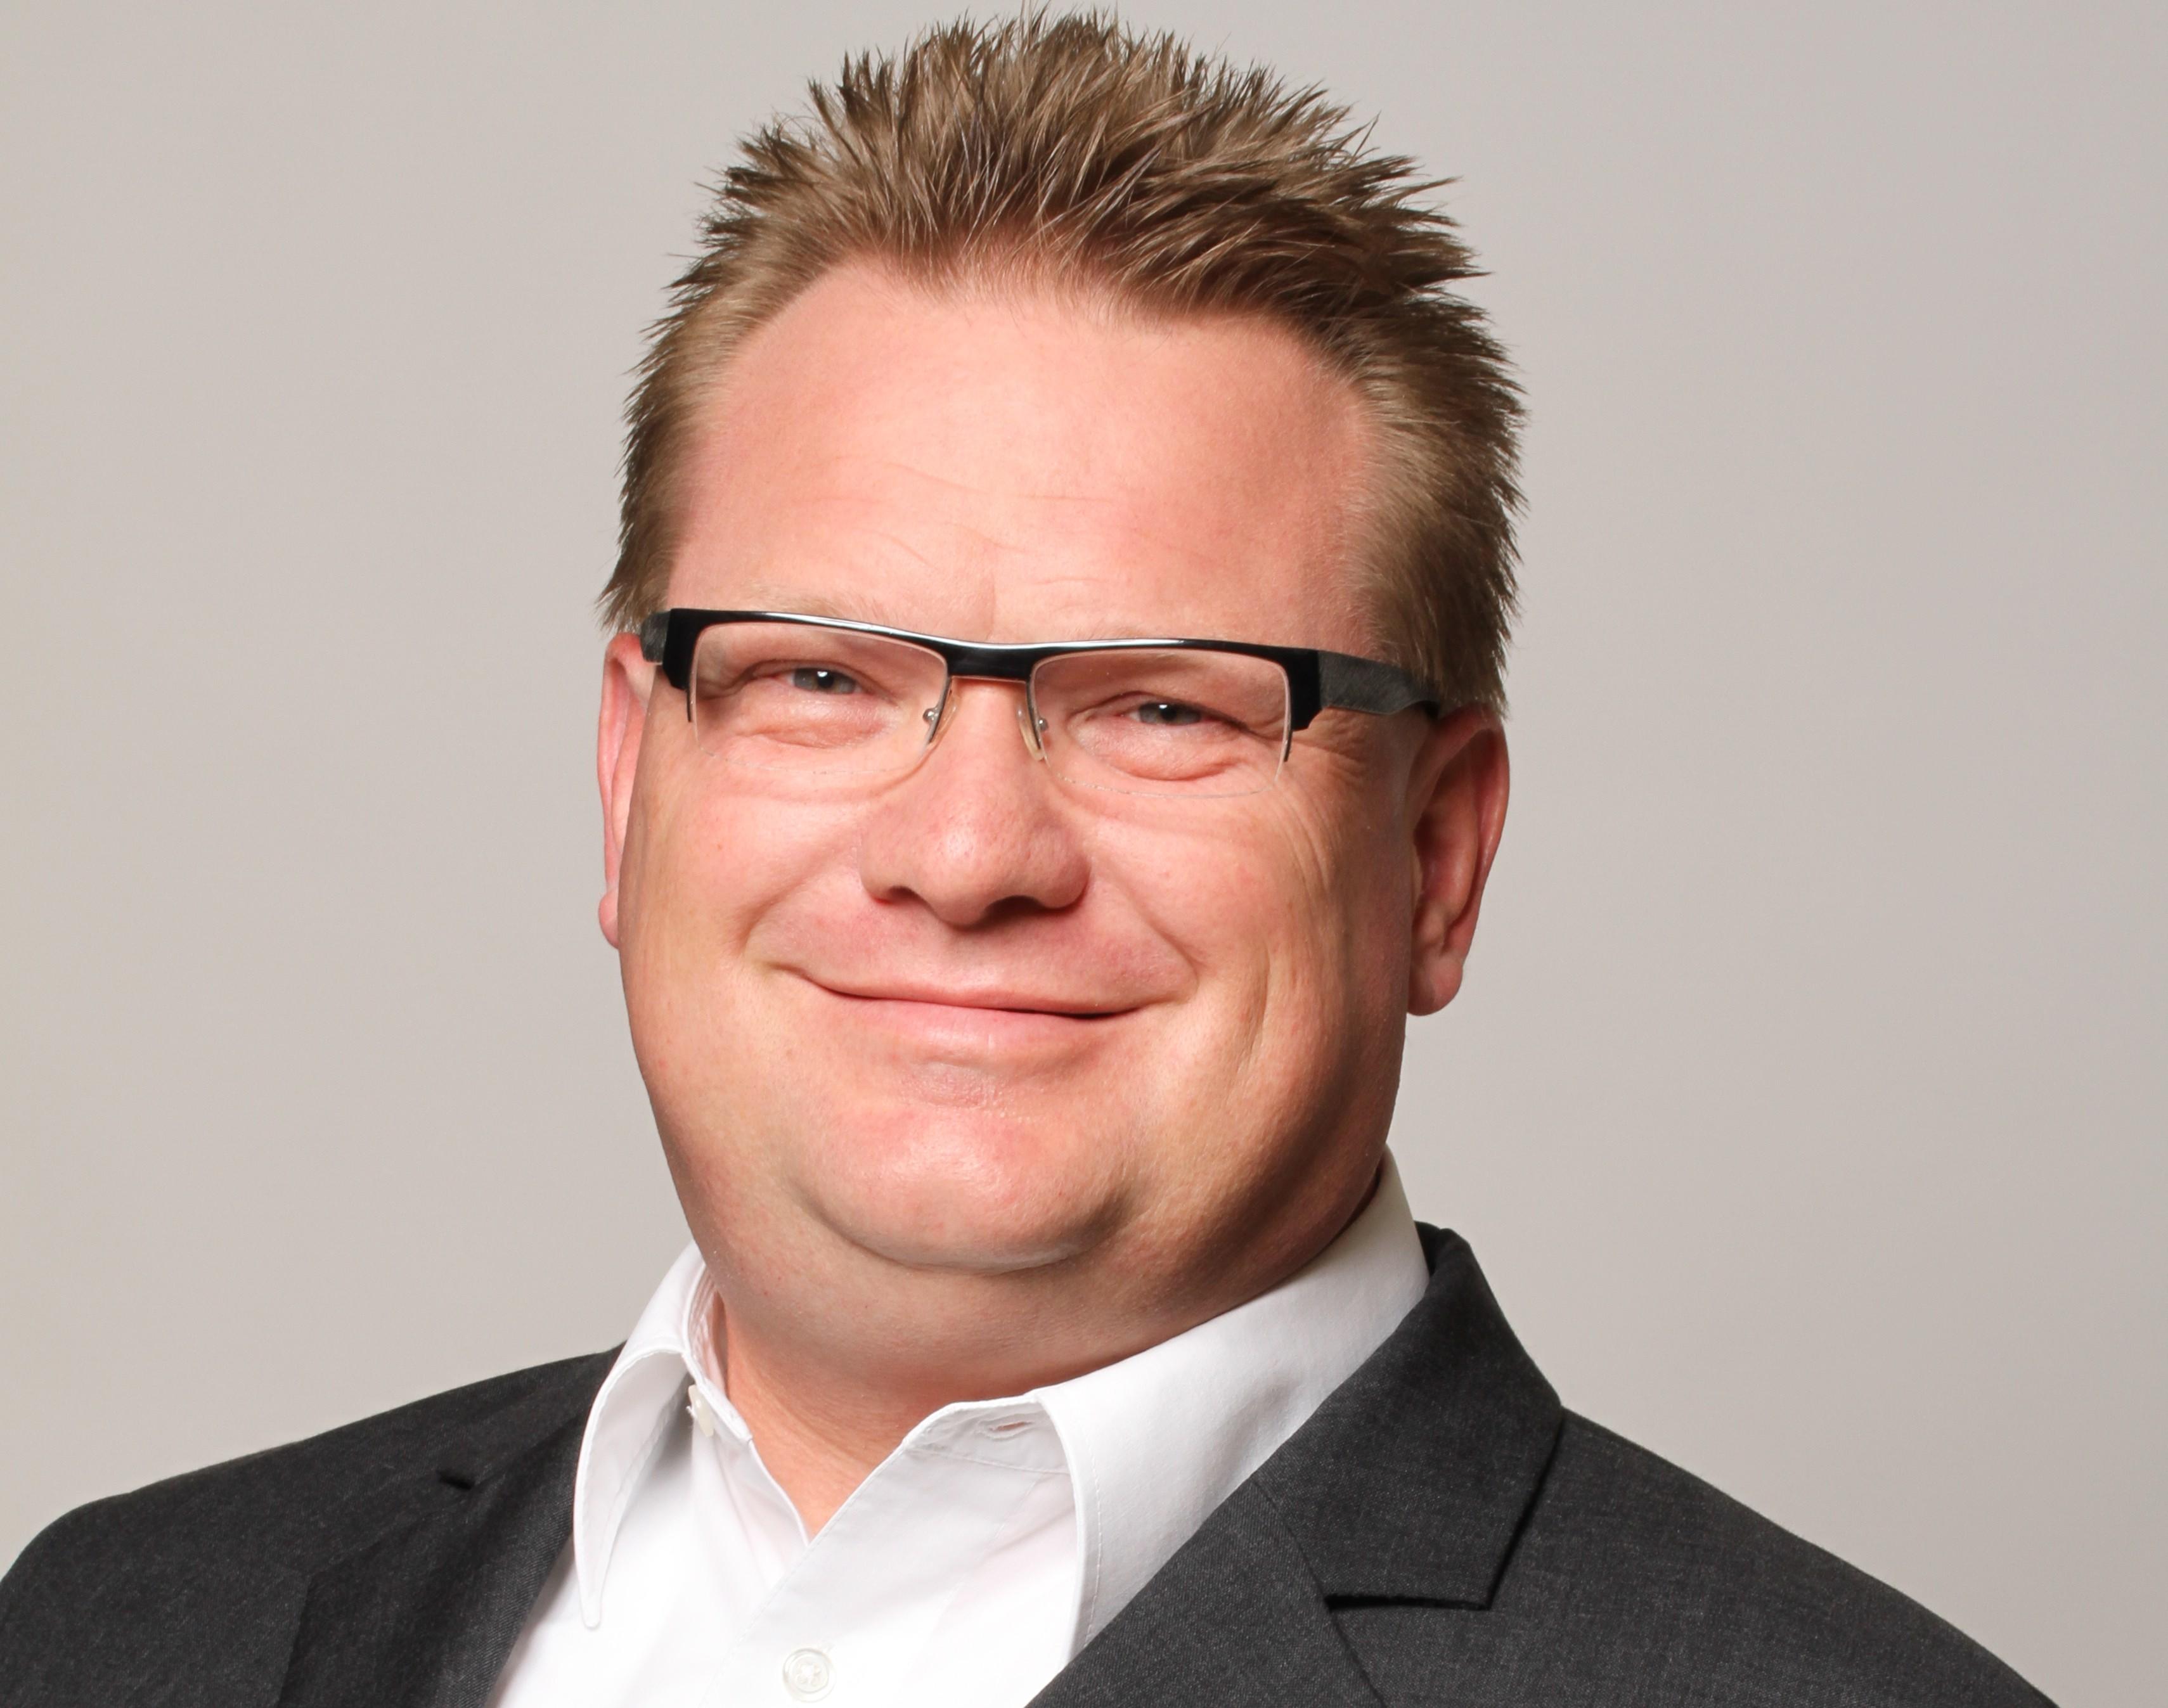 Knut Haake, Deutsche Mikroinvest (Foto: privat)